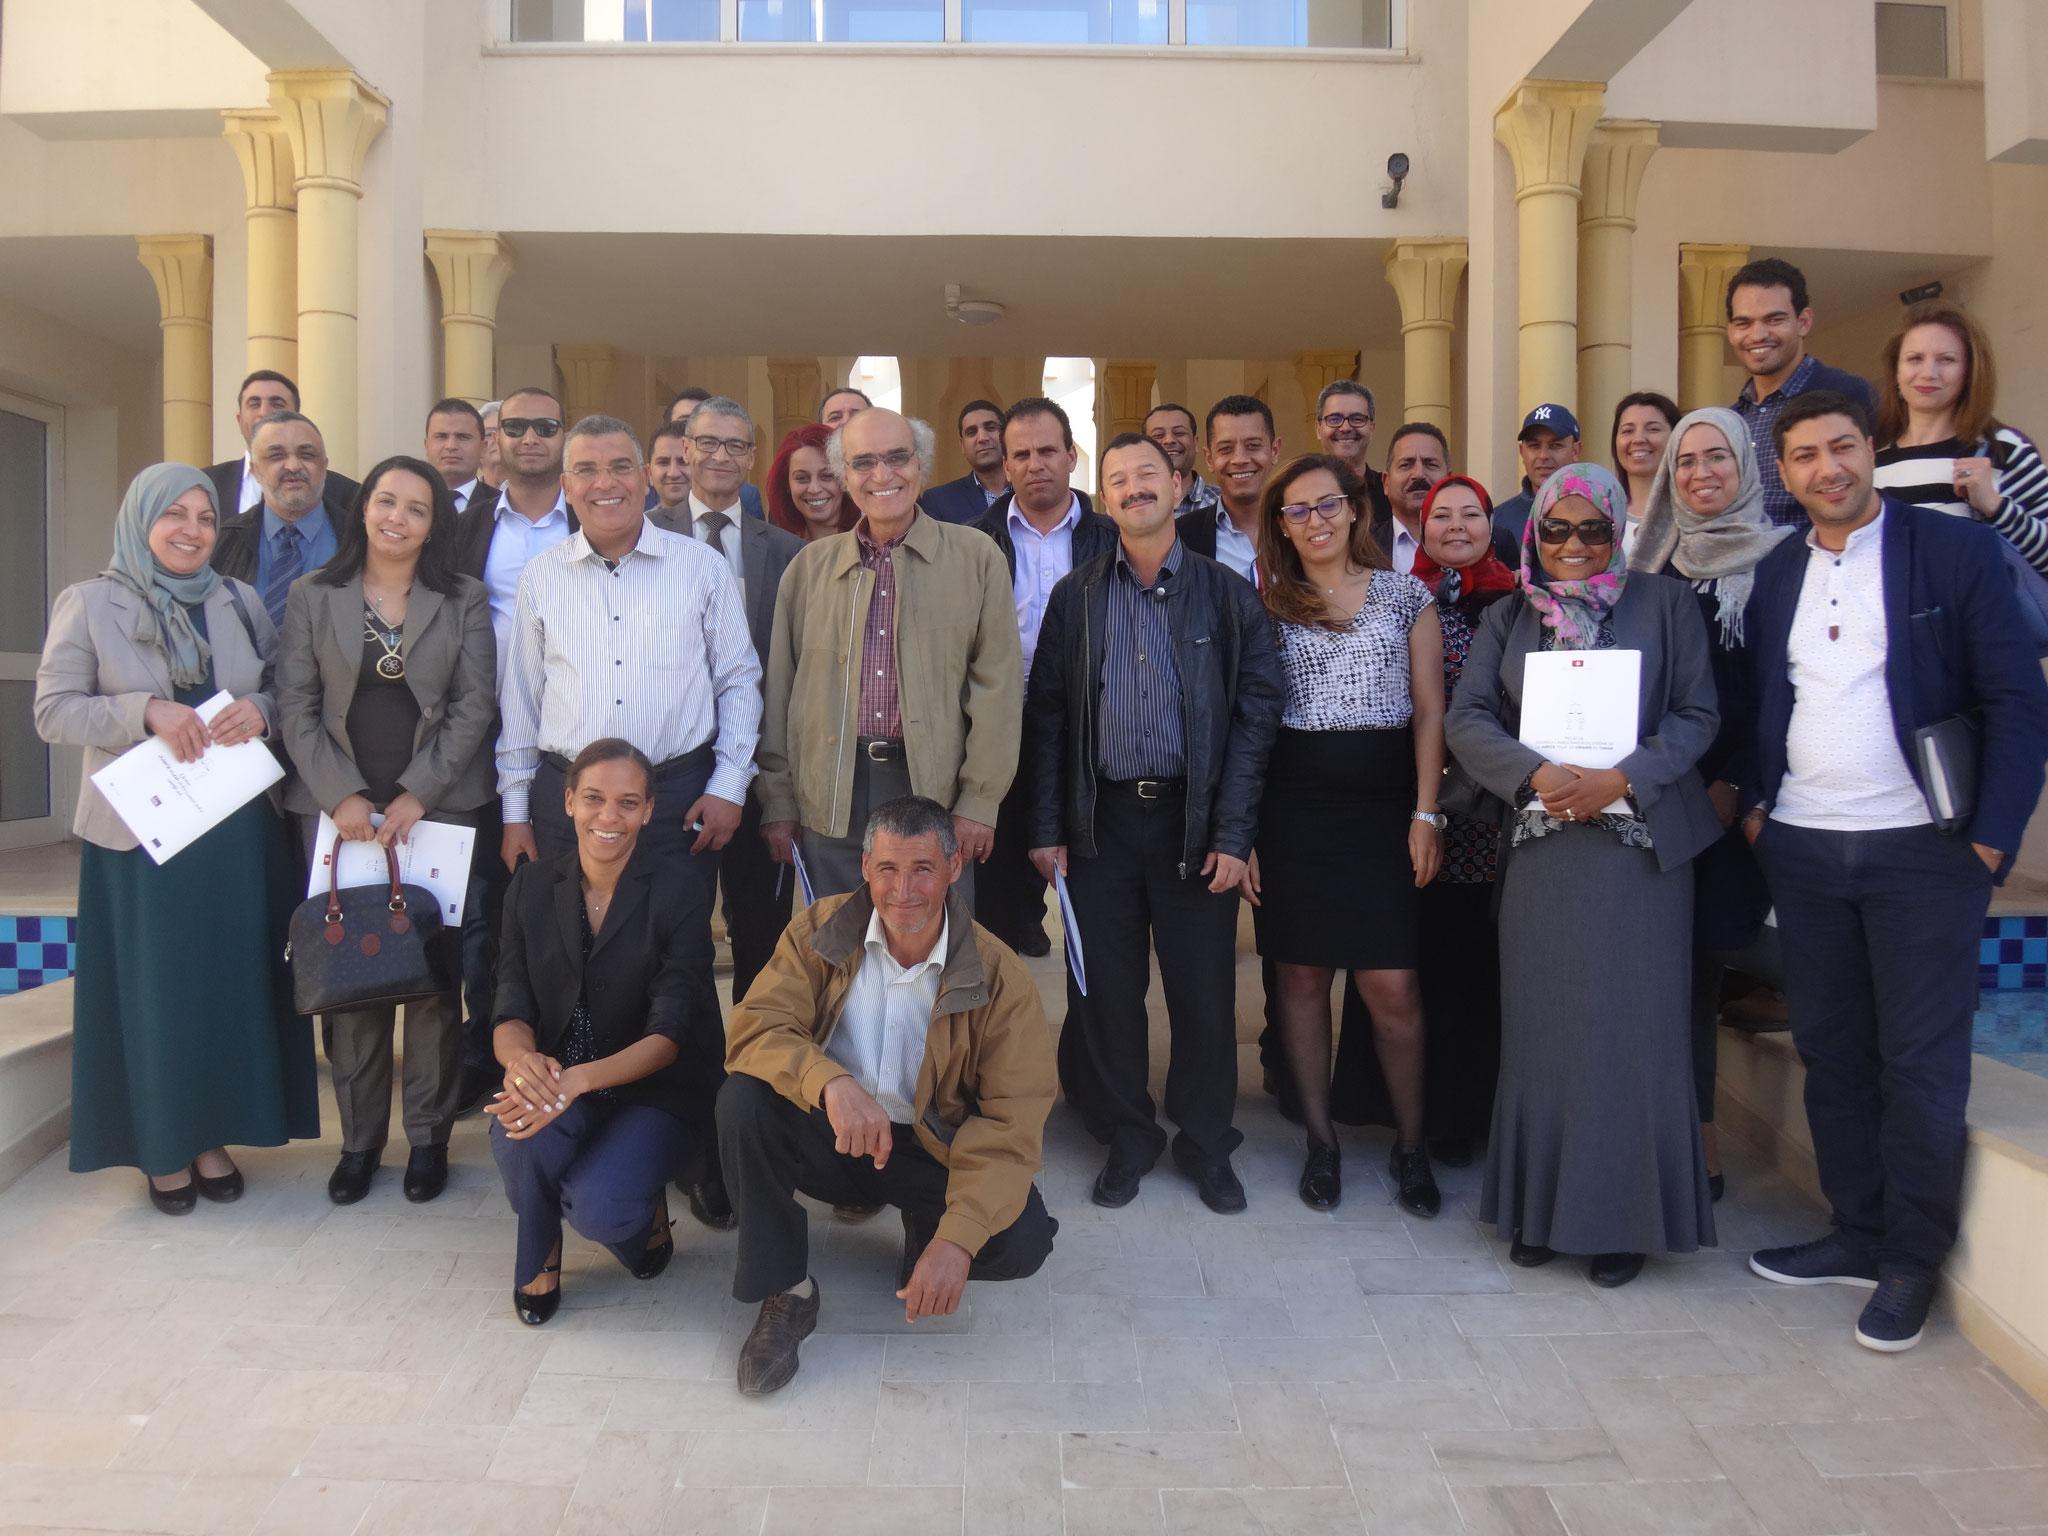 Mise en oeuvre de la stratégie de communication pour le développement sur la justice juvénile en Tunisie (UNICEF, 2016-2017)